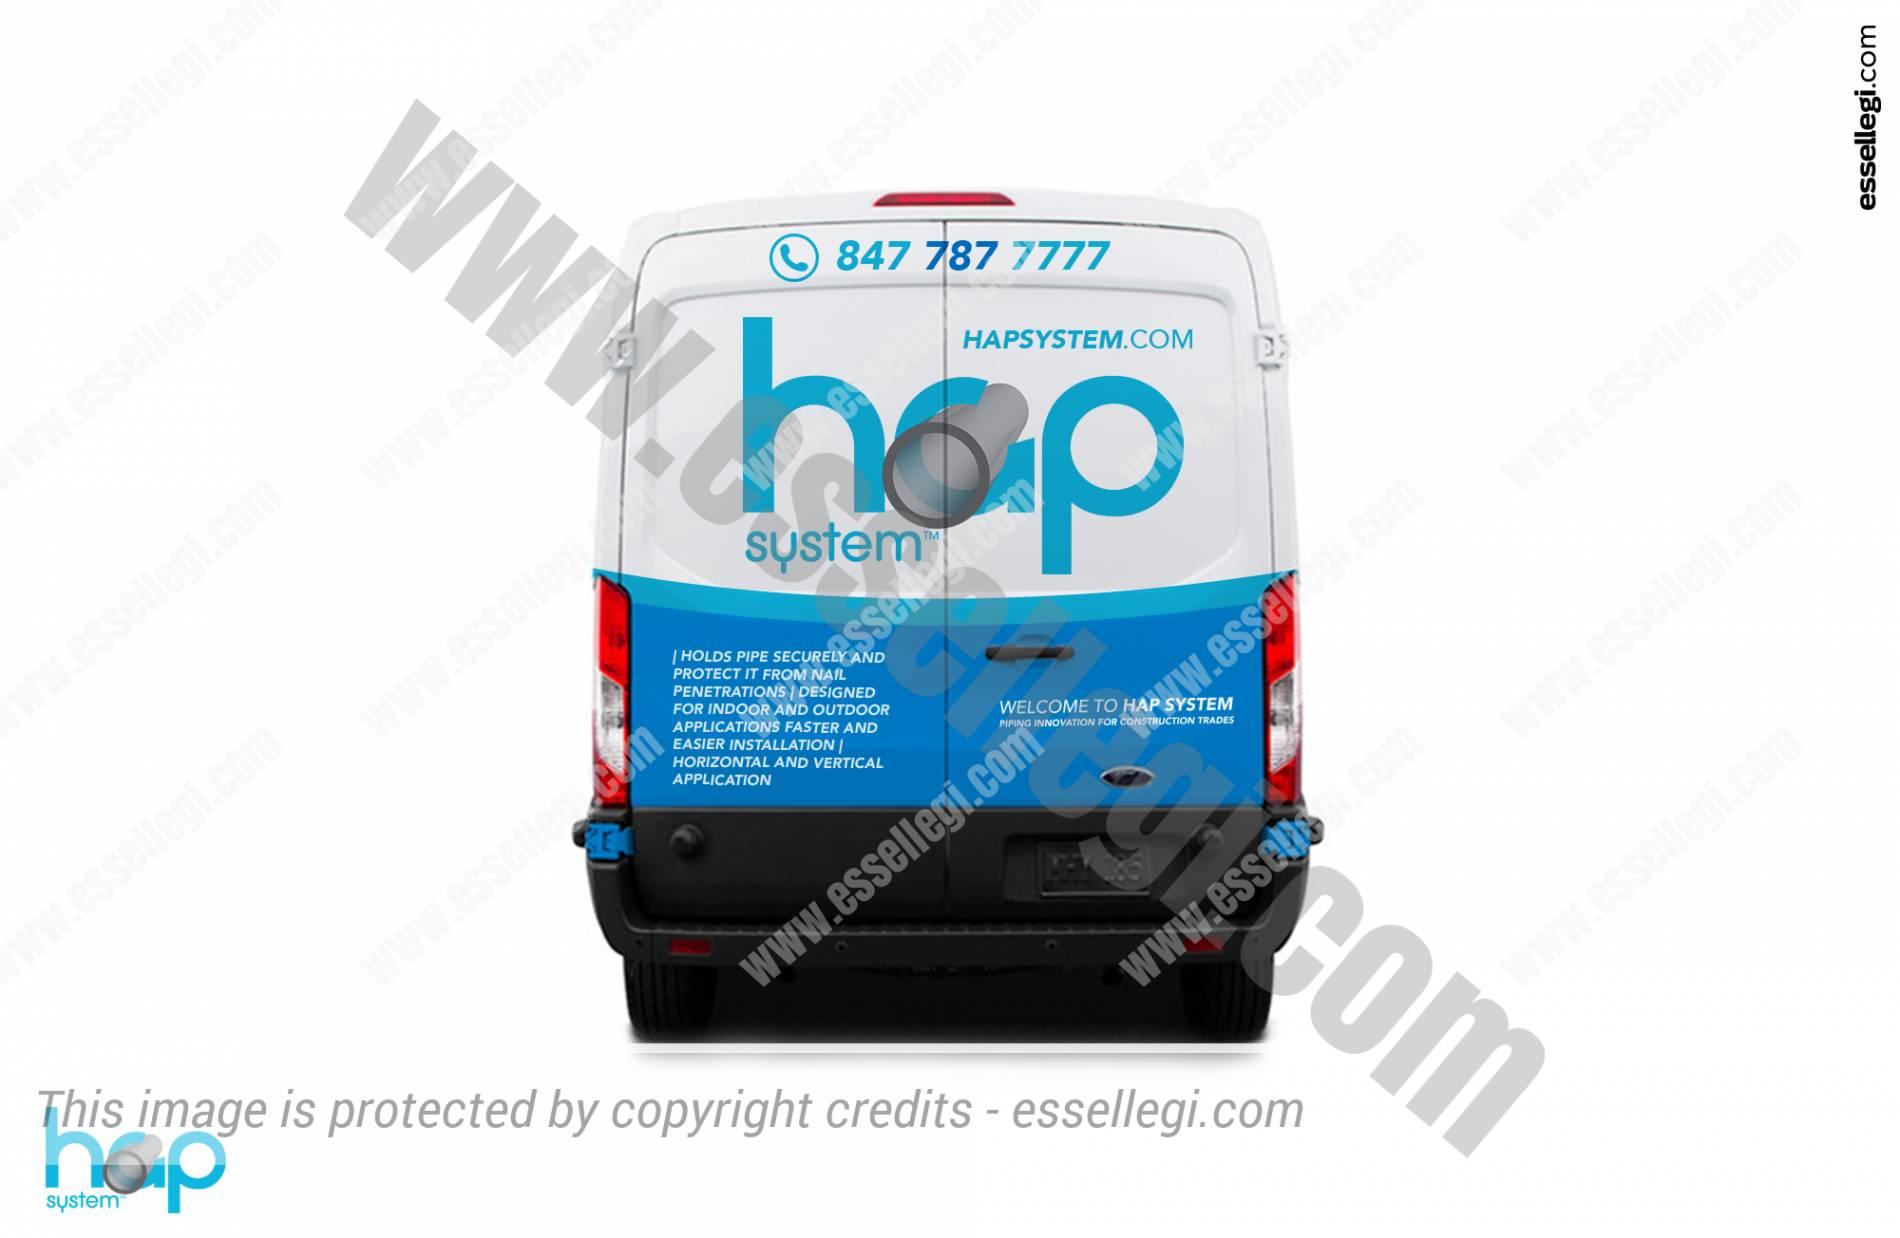 Ford Transit 250   Van Wrap Design by Essellegi. Van Signs, Van Signage, Van Wrapping, Van Signwriting, Van Wrap Designer, Signs for Van, Van Logo by Essellegi.